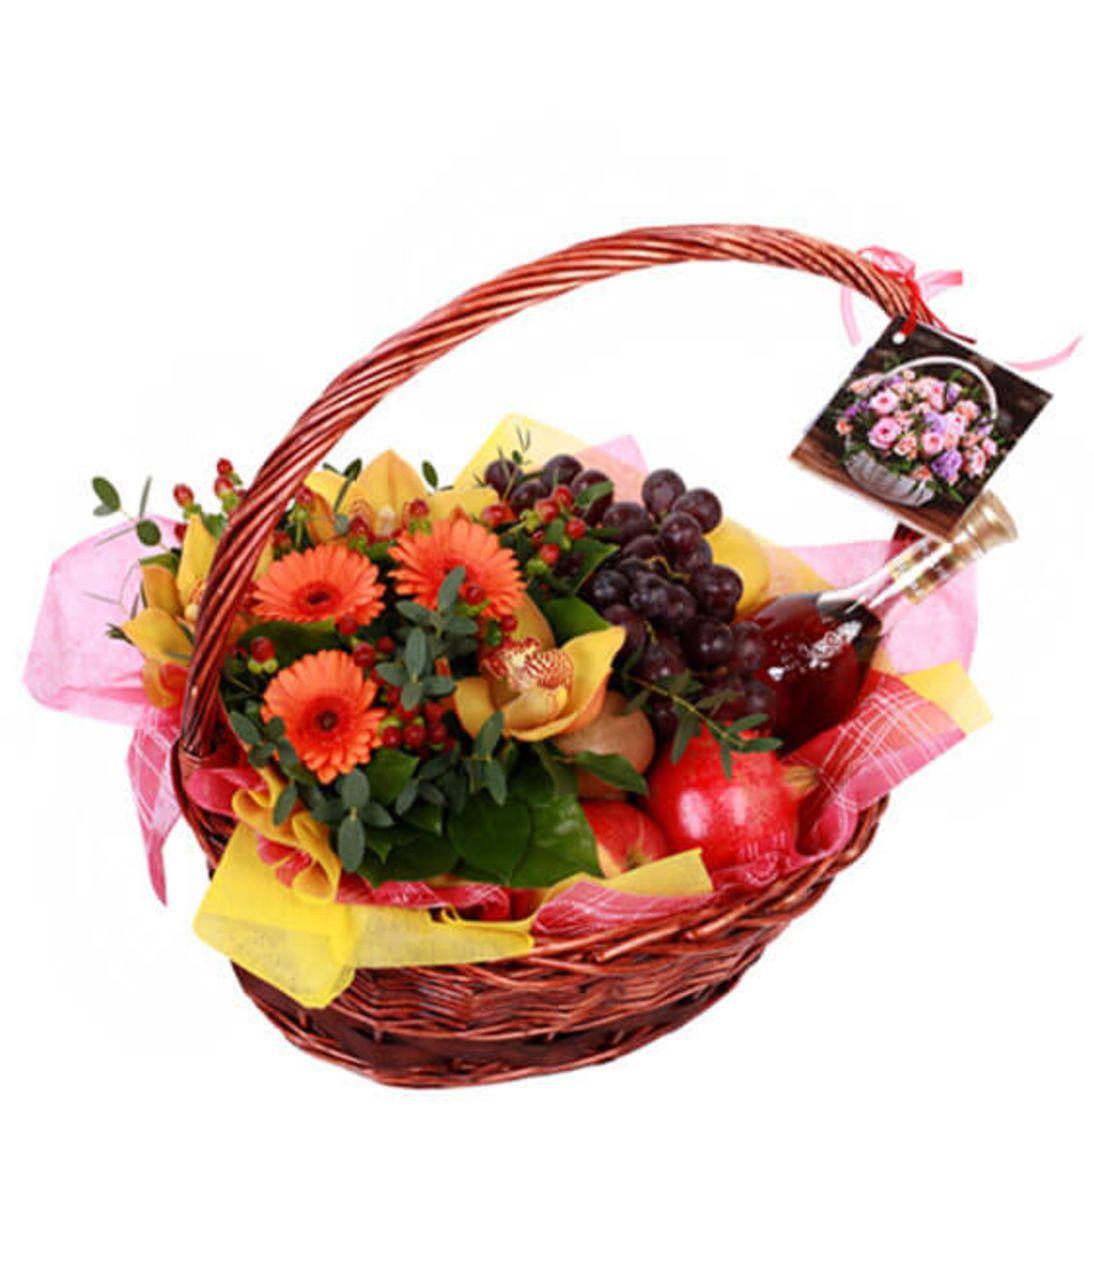 """Фруктовий кошик """"Літо"""". Superflowers.com.ua"""